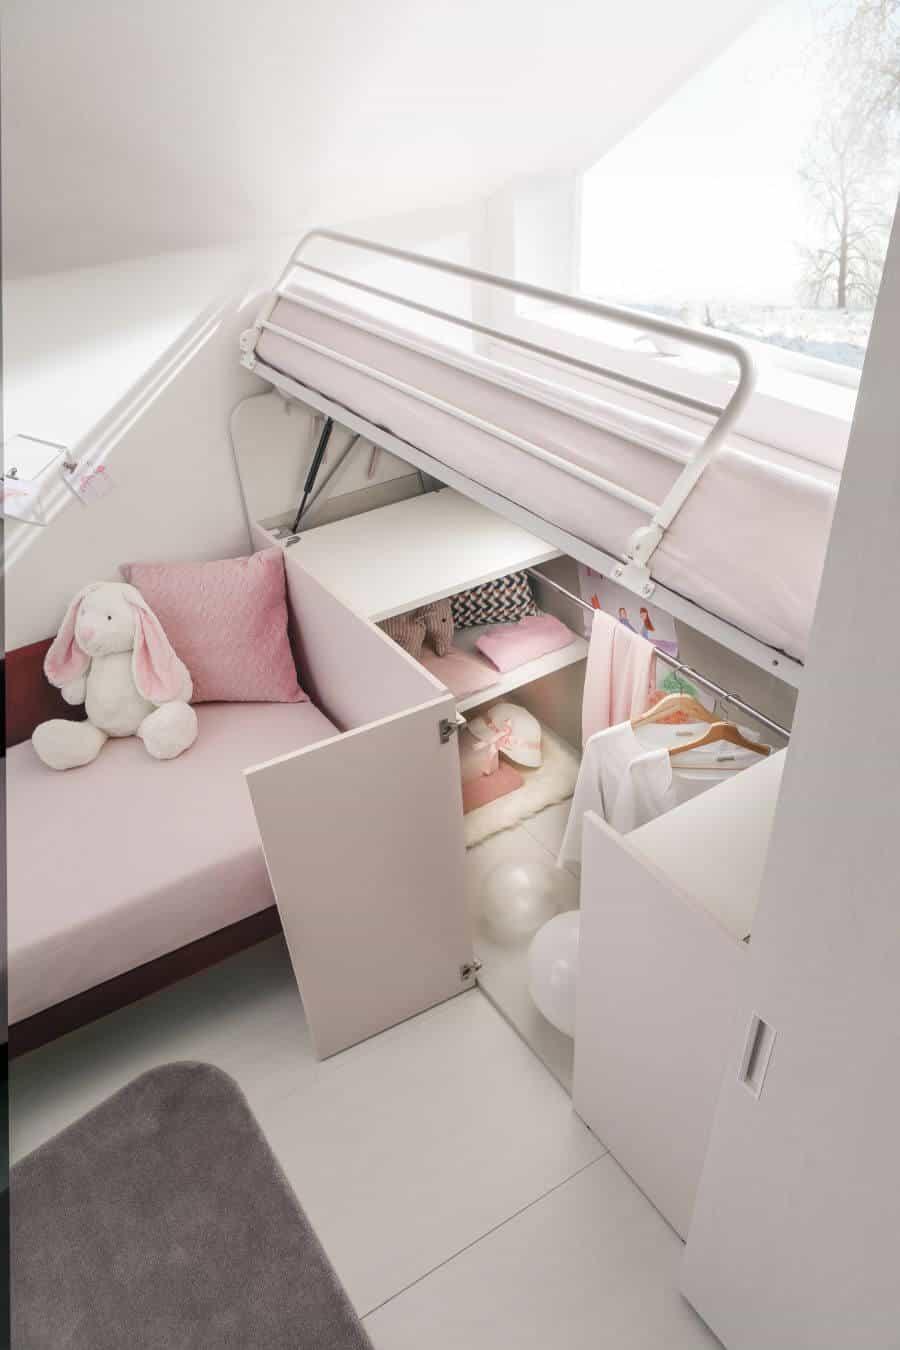 cameretta-armadio-sotto-letto-collezione-dubai-il-mobile (1)